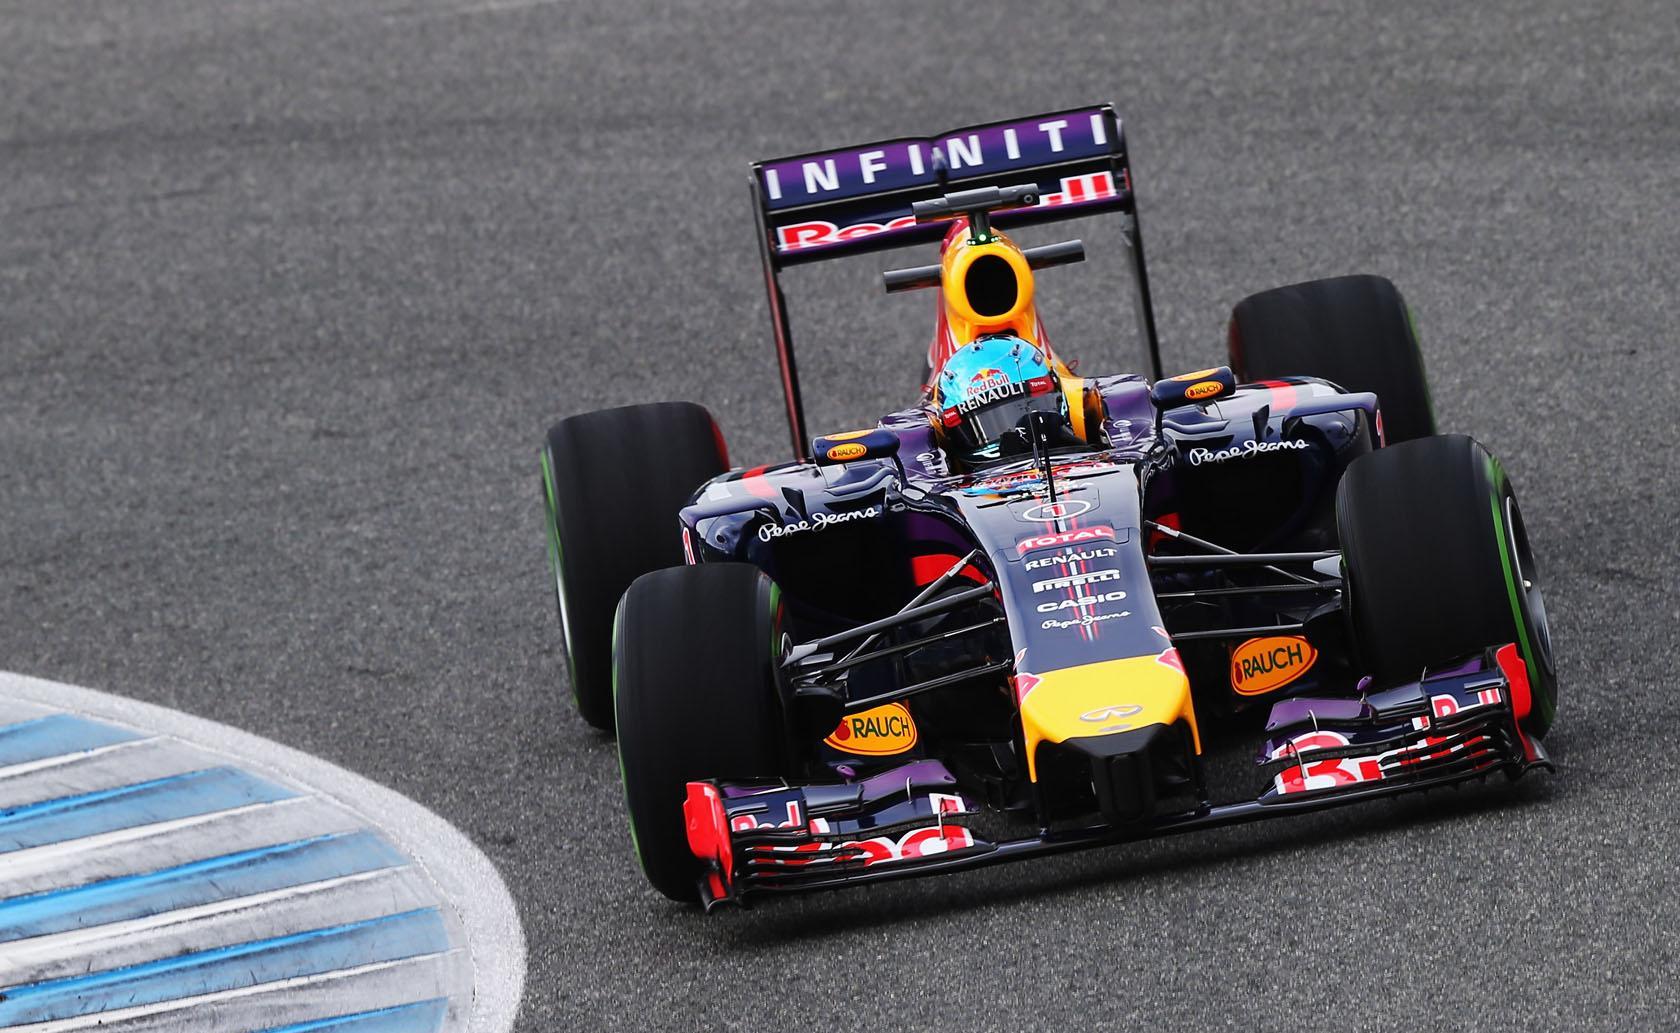 Hivatalos: Vége a Red Bull tesztnapjának! Gondok a Renault motorral! Vettel hazautazik